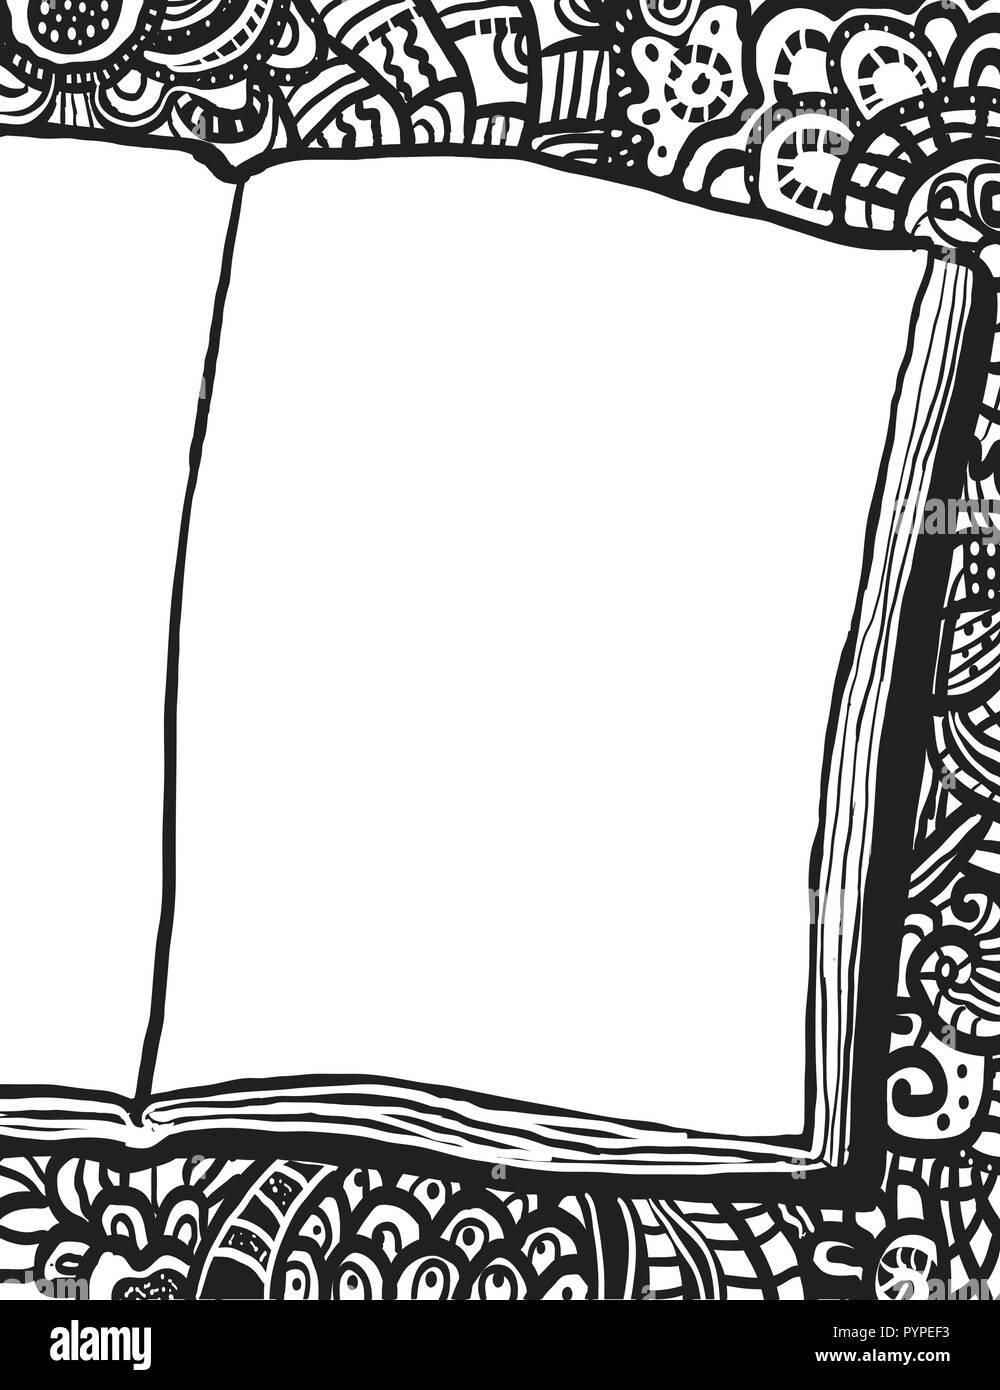 Coloriage Avec Ordinateur Portable Et Doodle Arriere Plan Illustration A La Main Avec Place Pour Le Dessin Ou Le Texte Image Vectorielle Stock Alamy